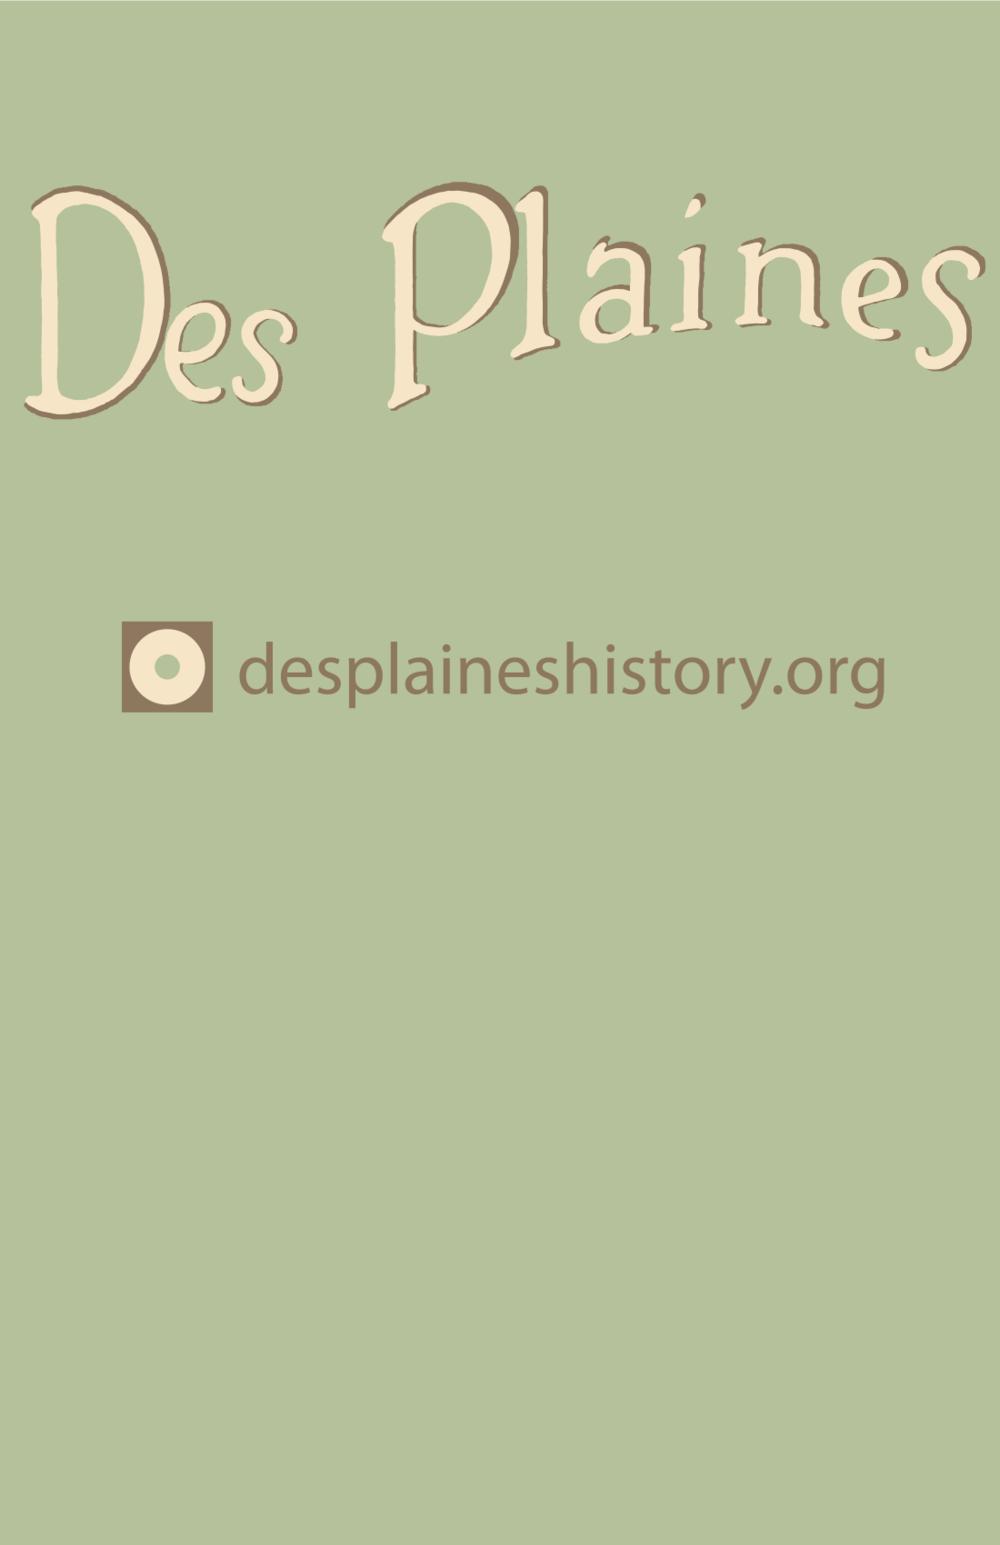 Des-Plaines.jpg